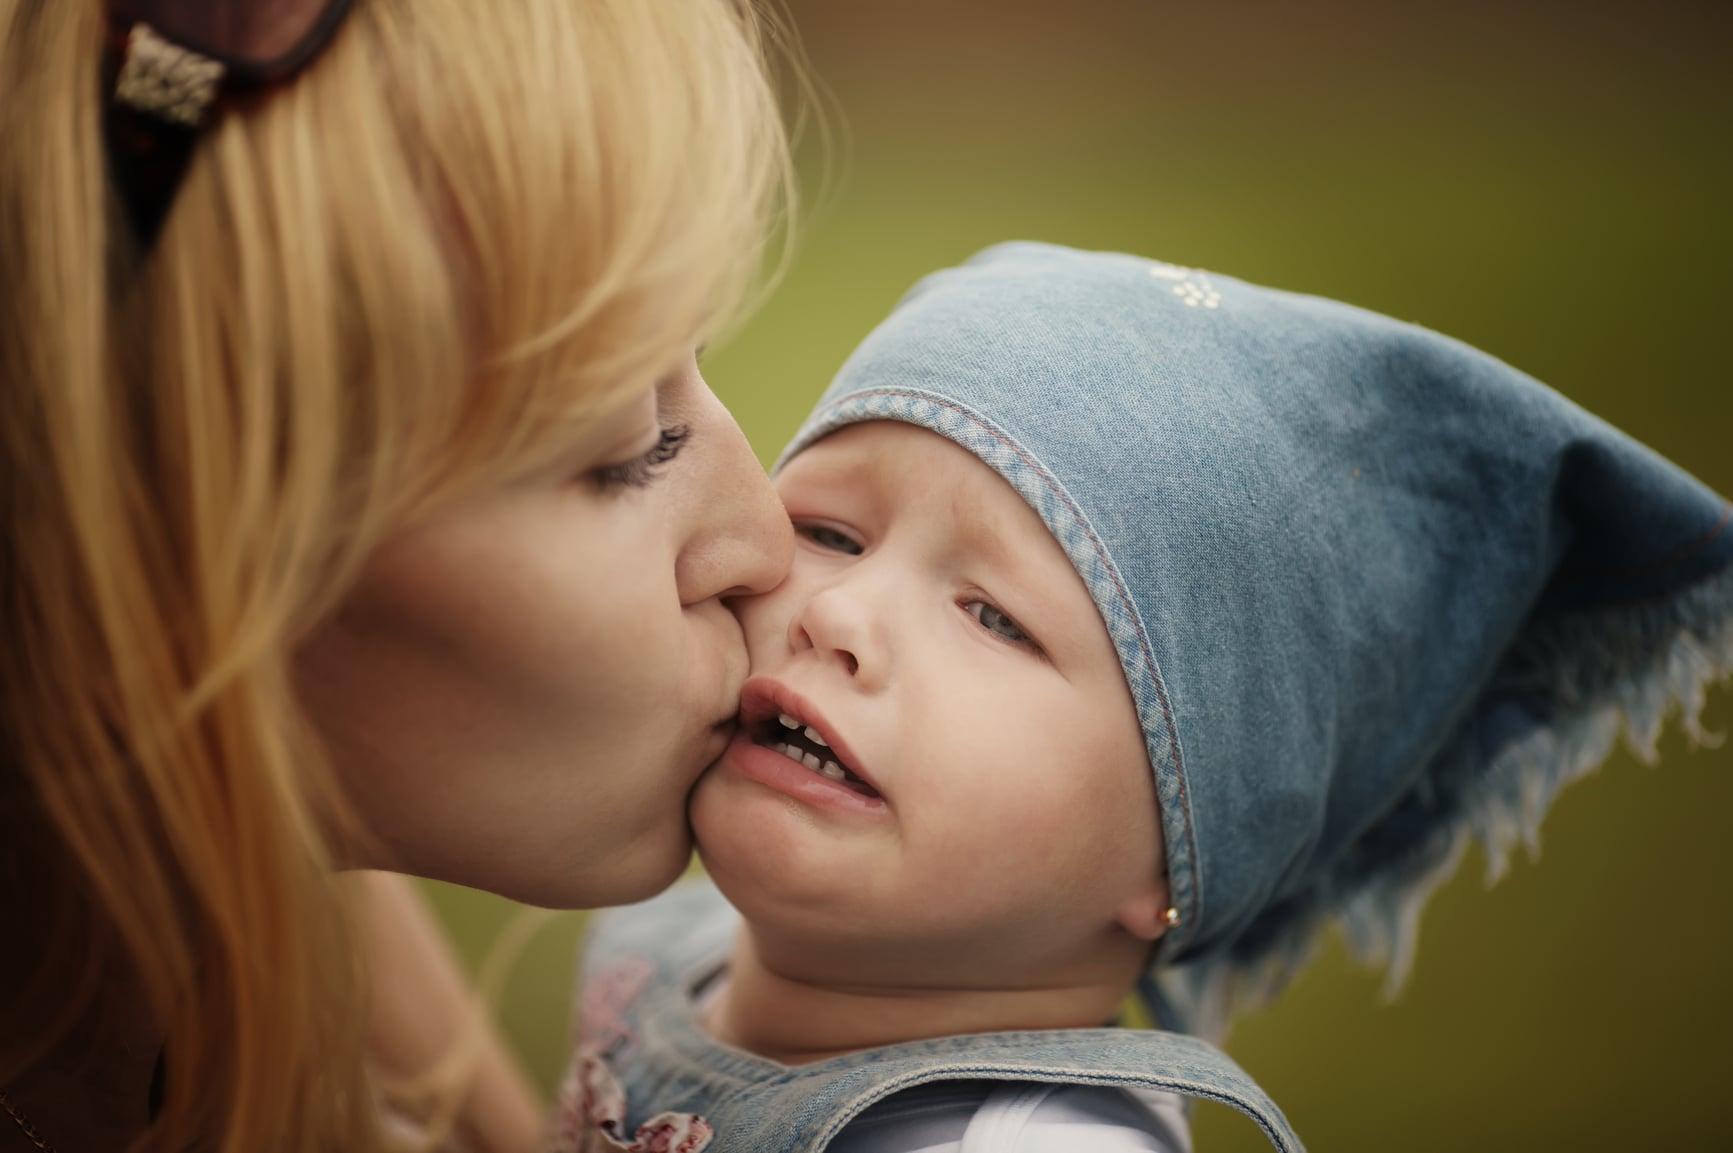 Смотреть бесплатно наслаждается мамой 20 фотография